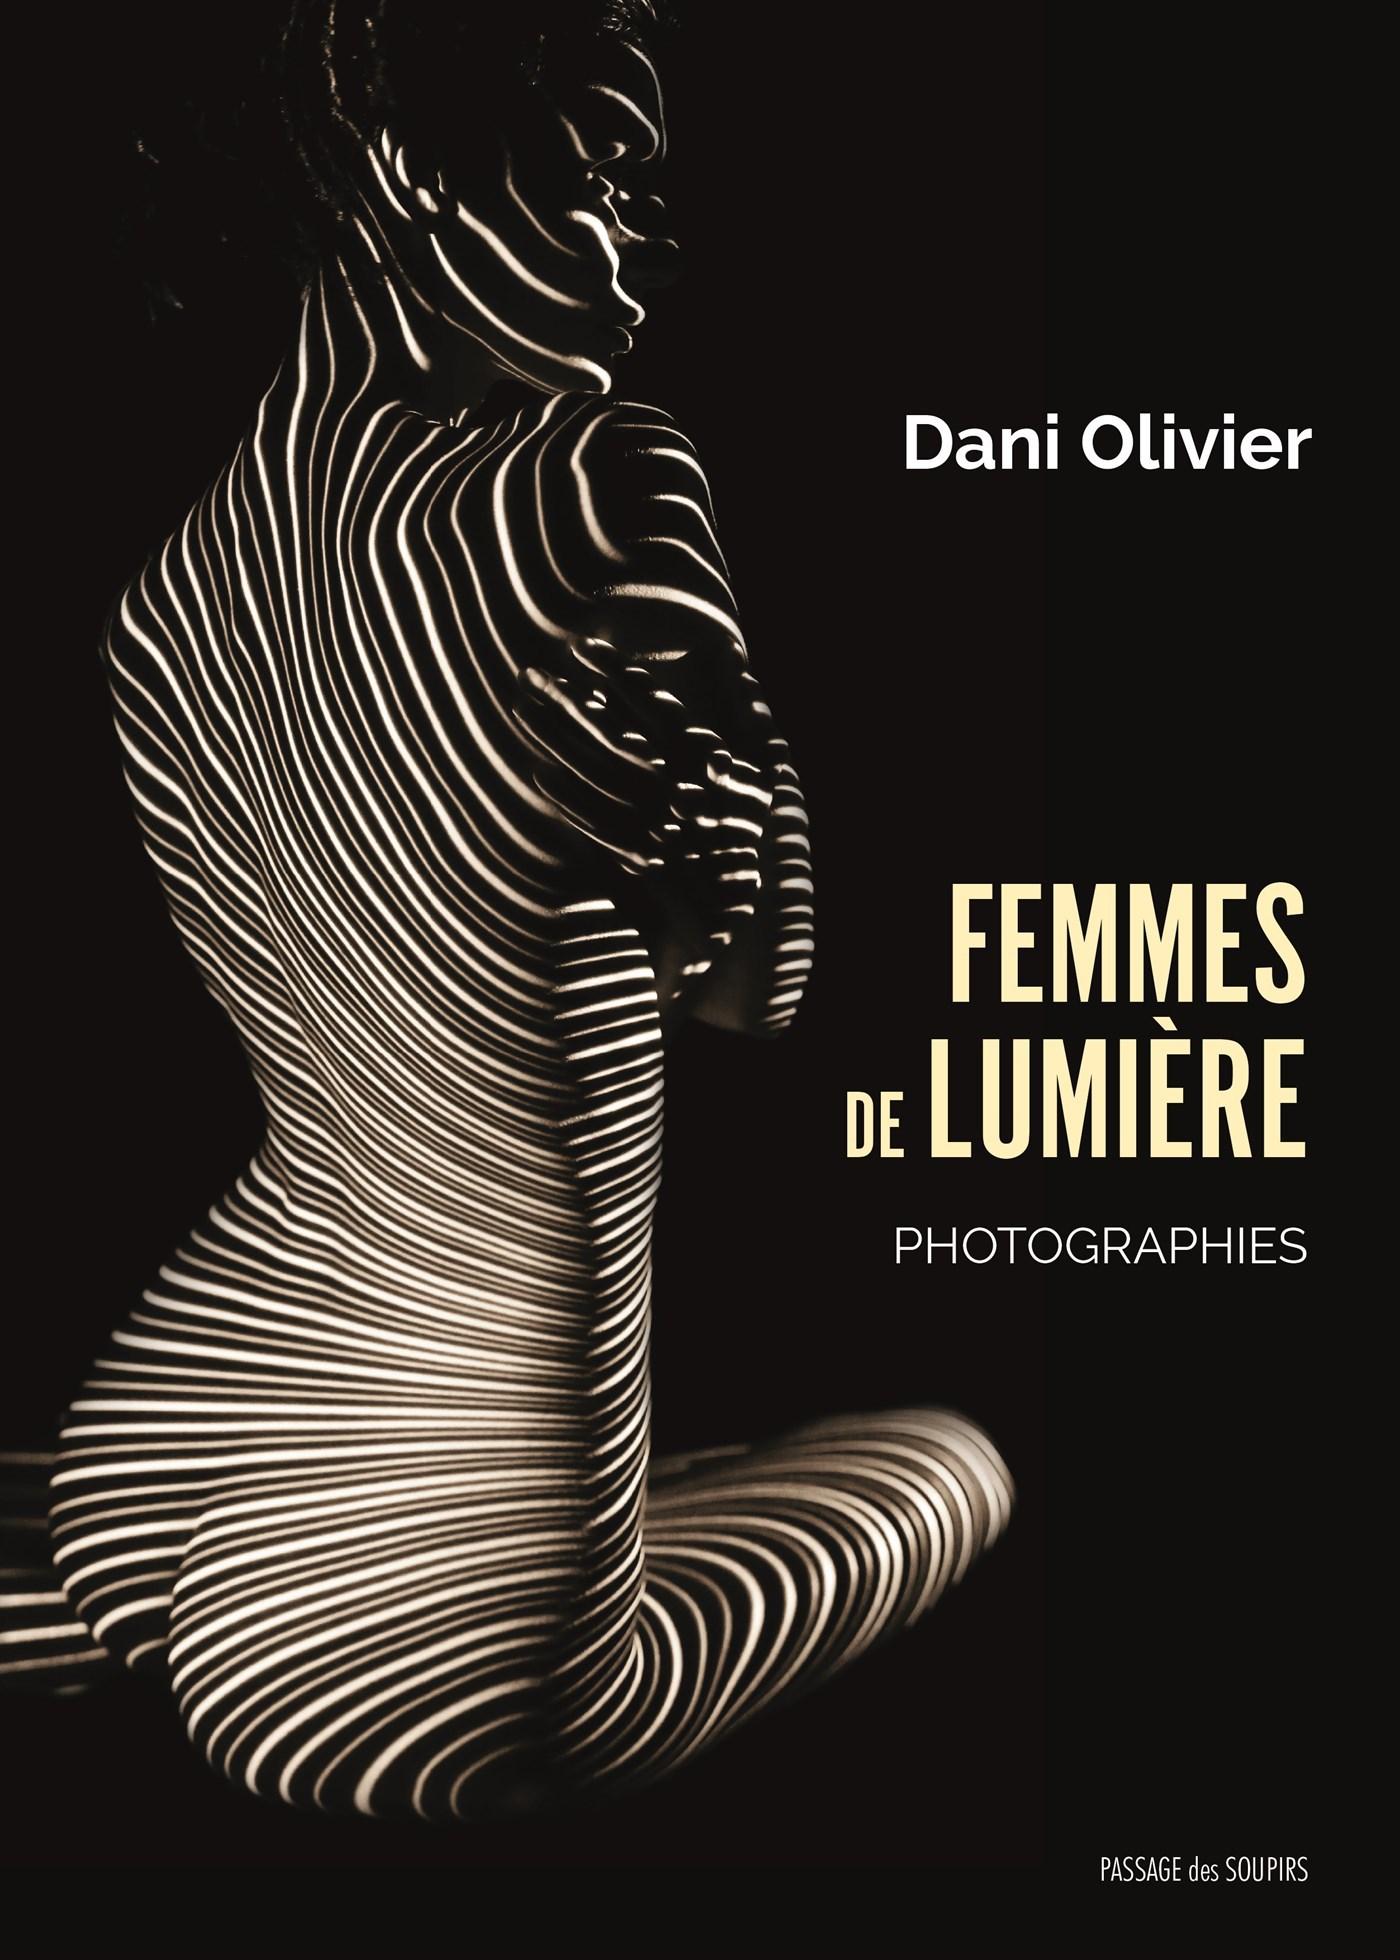 FEMMES DE LUMIERE